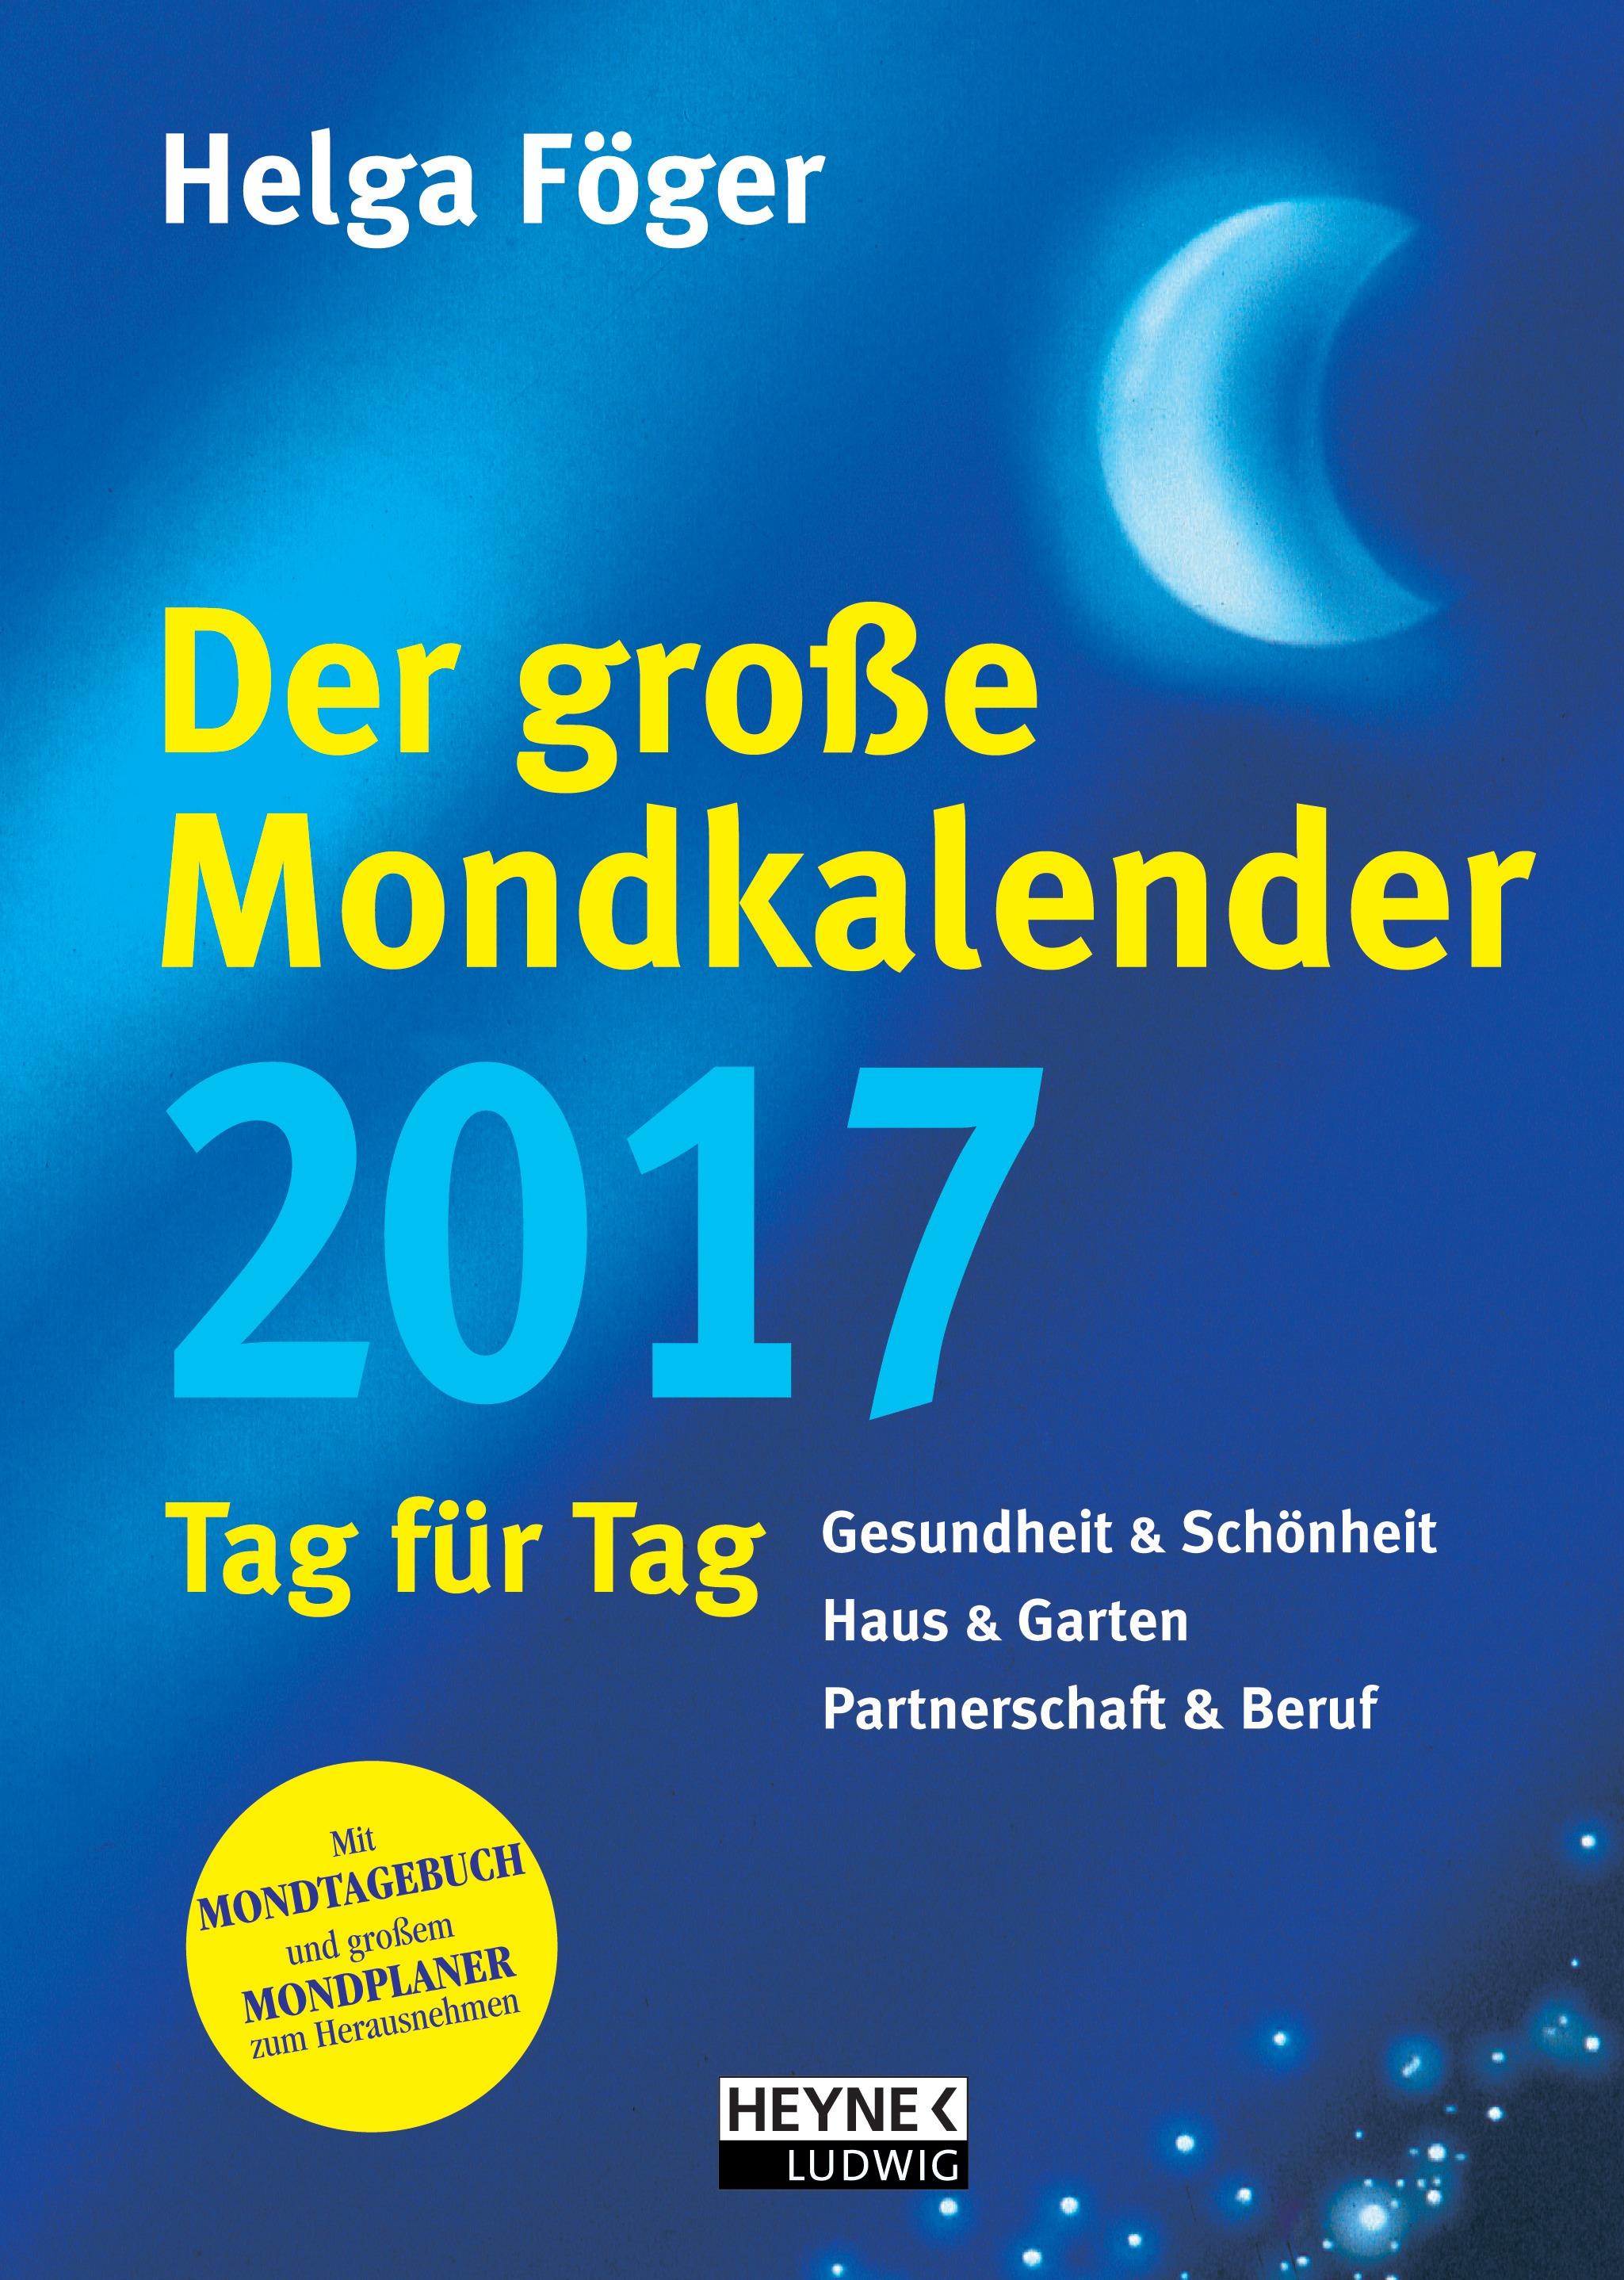 Kartoniert broschiert 2017 der gro e mondkalender 2017 - Mondkalender 2017 garten ...